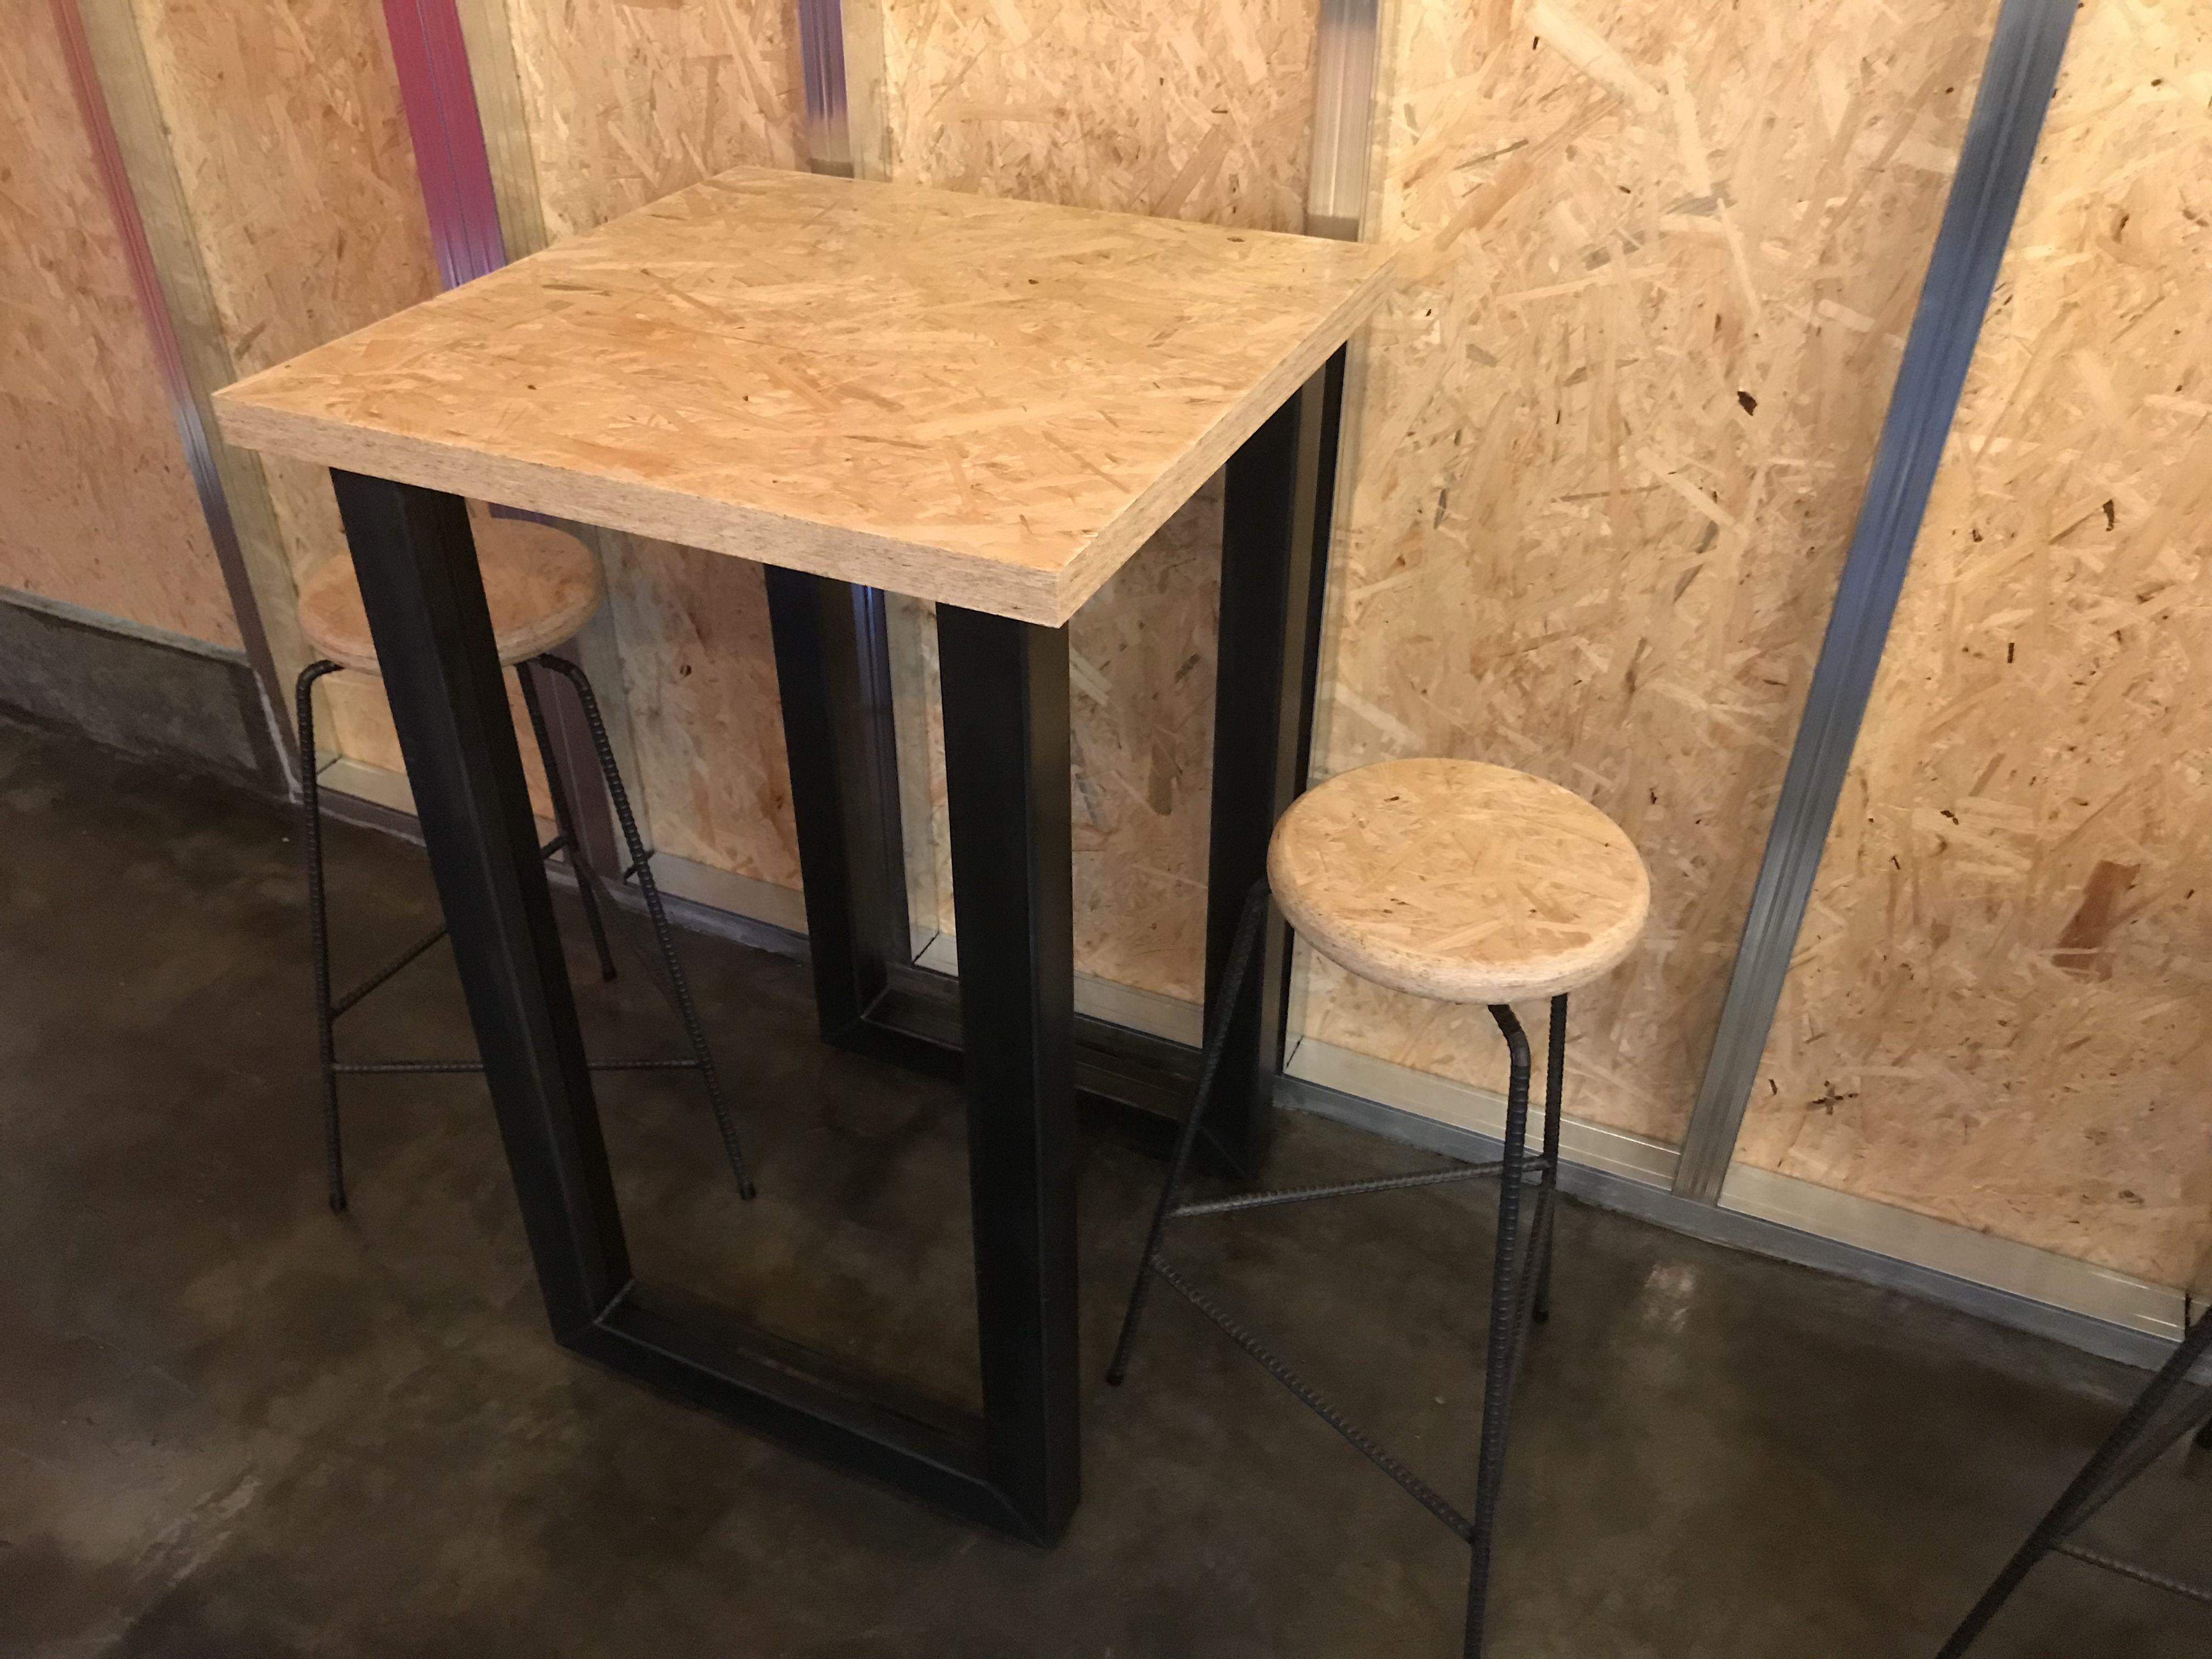 黒皮鉄のフレームとOSB合板を組み合わせたテーブルとスツール